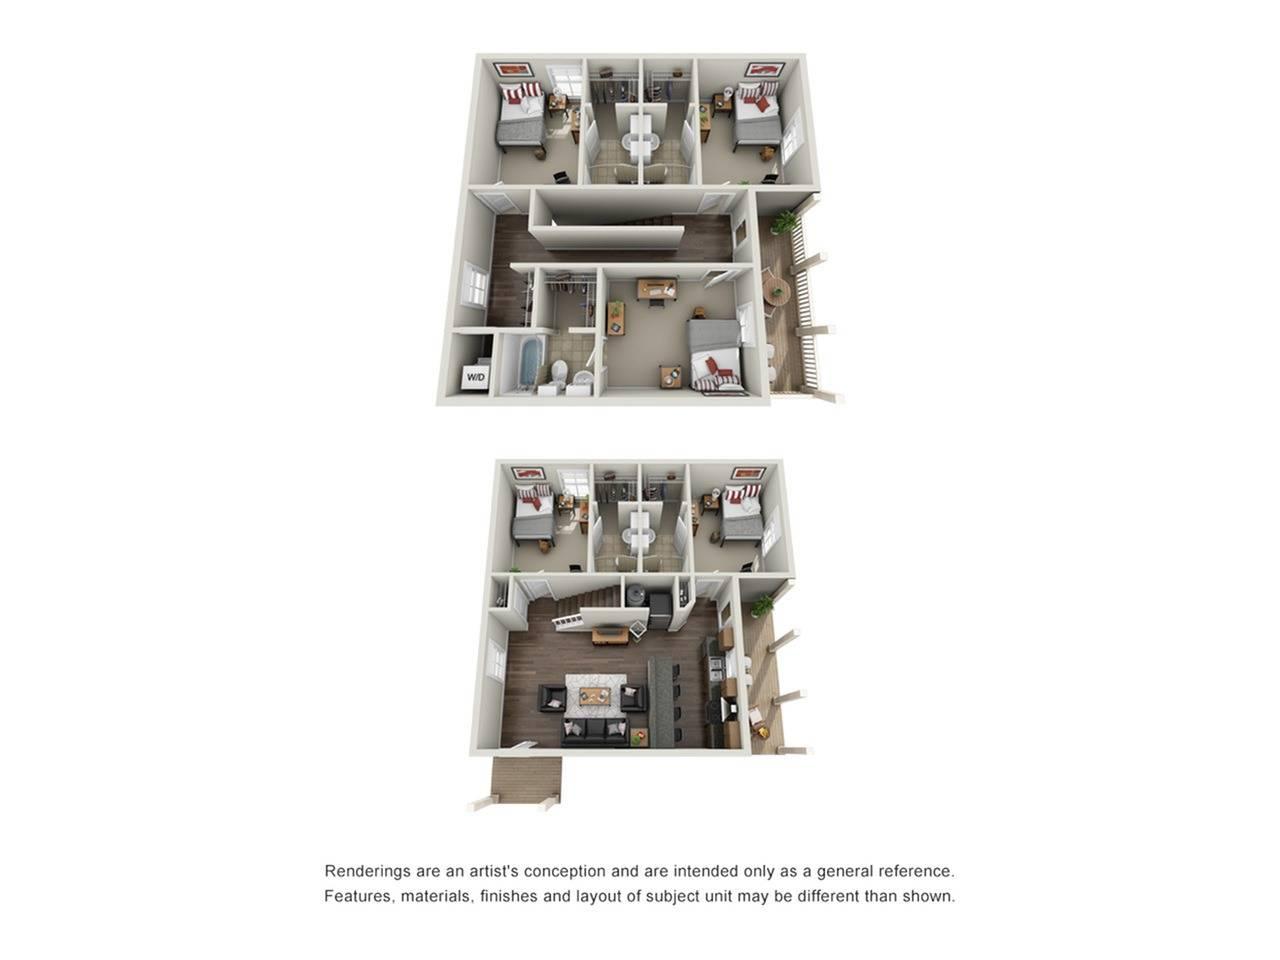 5 x5 manor floor plan